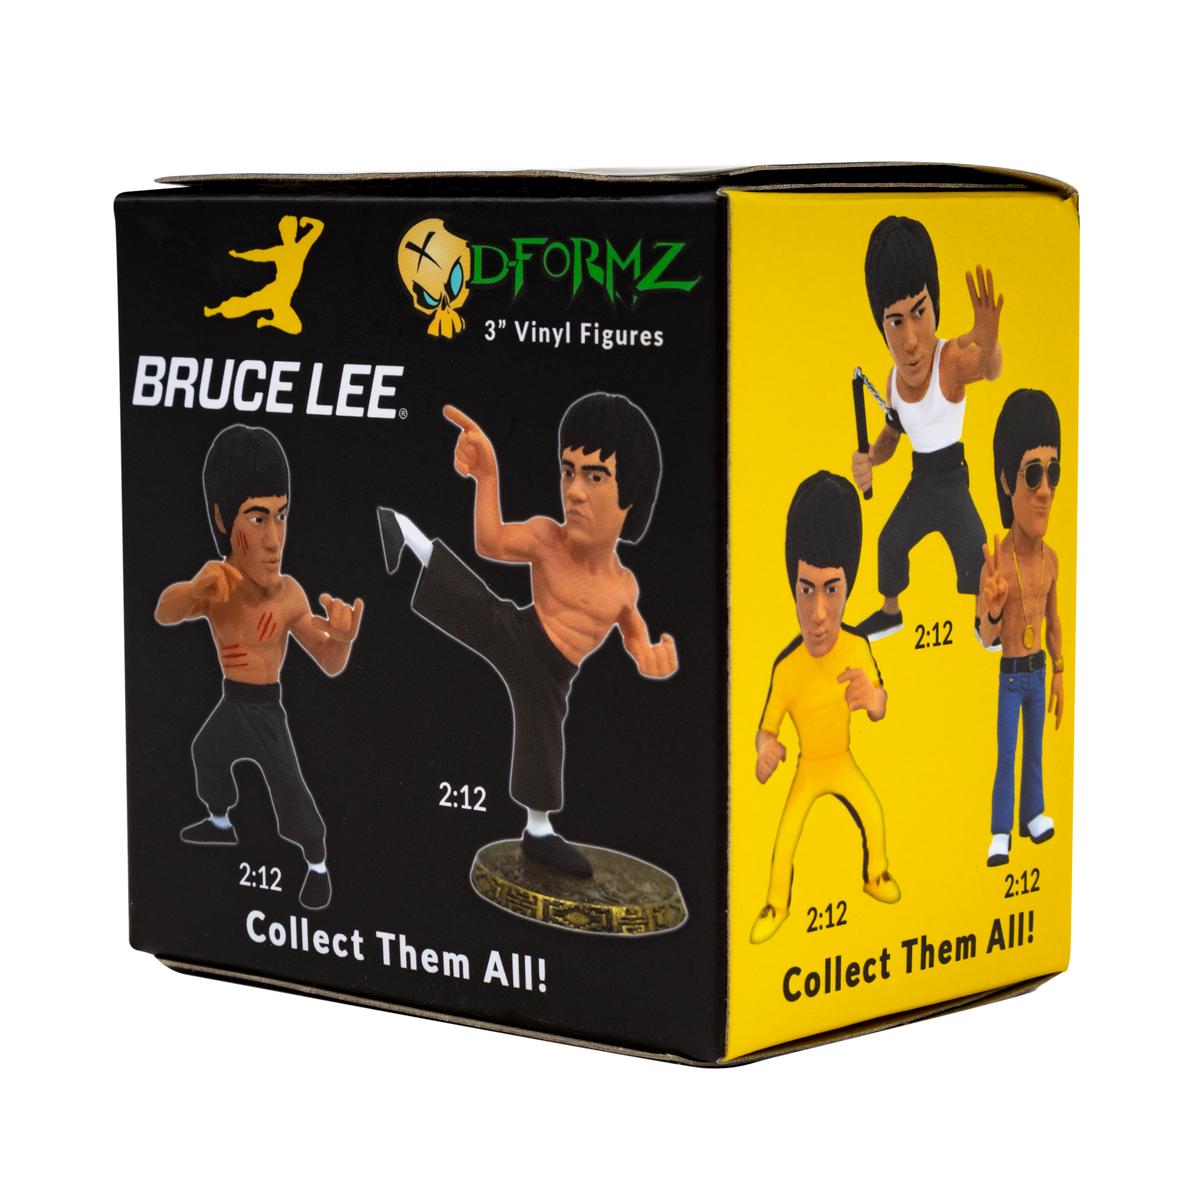 Bruce Lee Shirtless D-Formz Figure